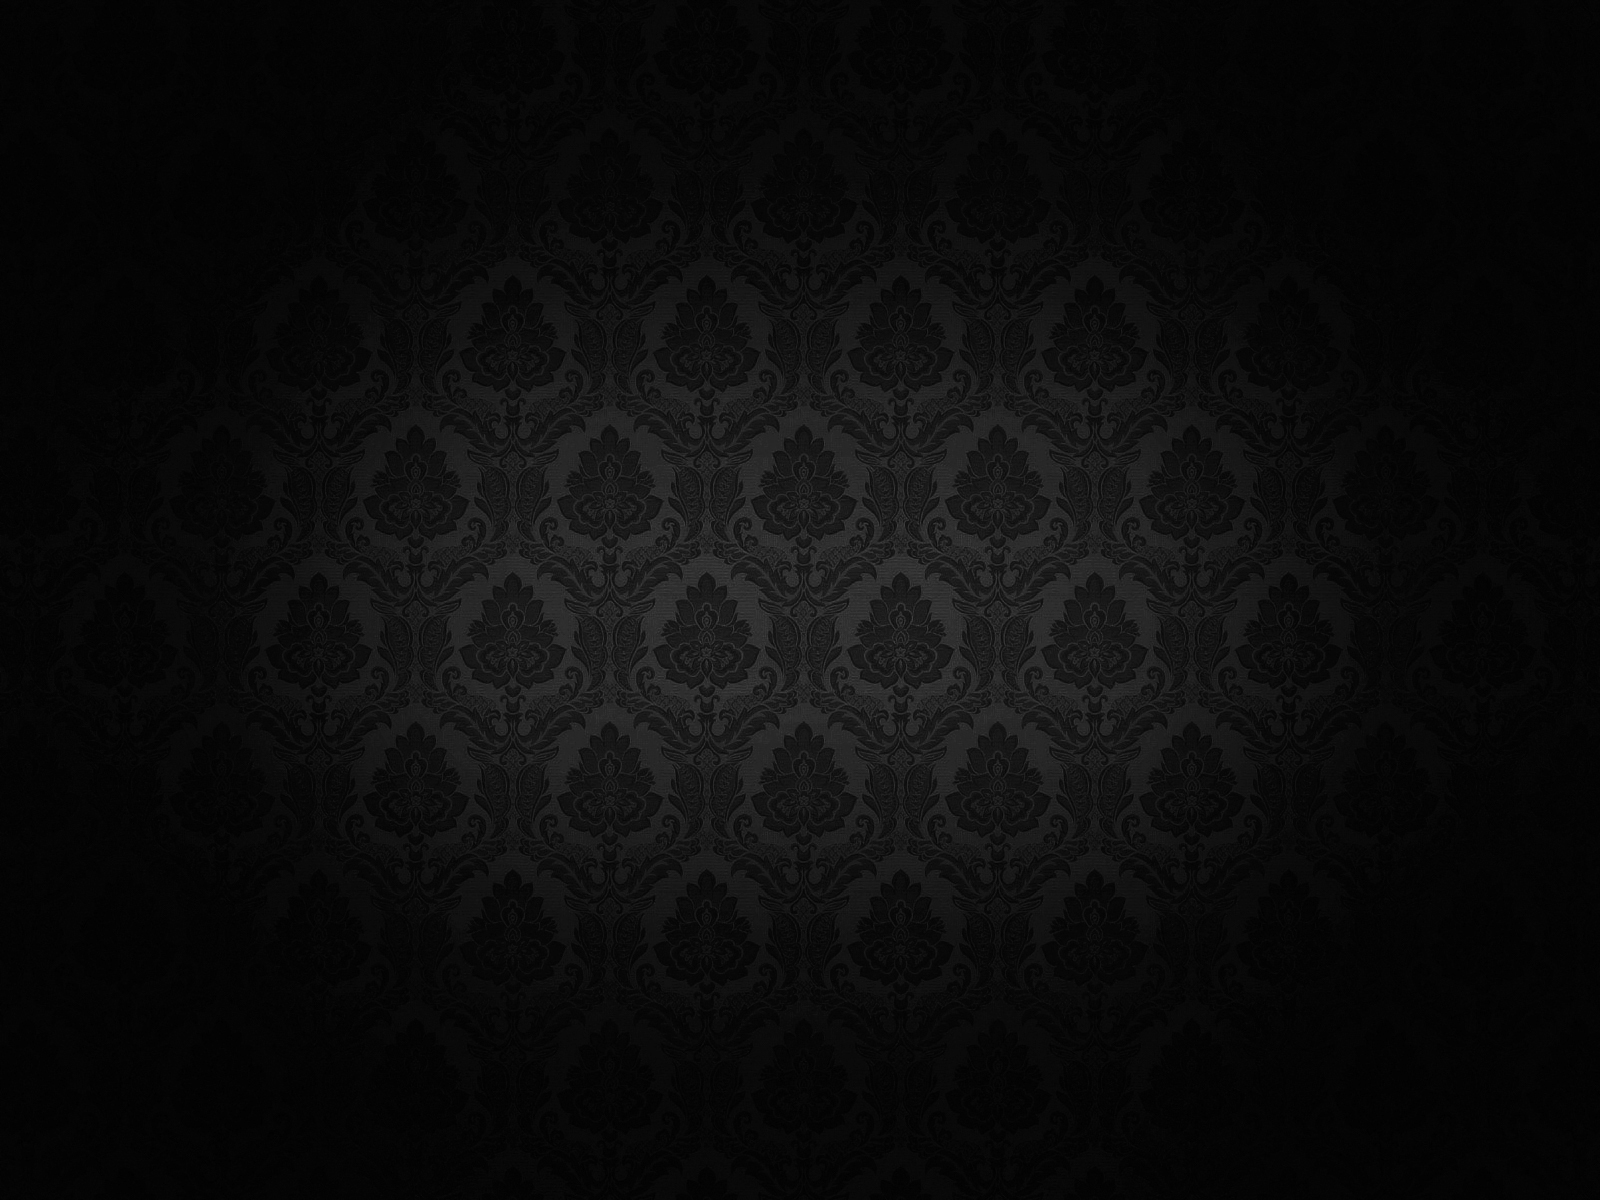 Black Texture Wallpaper - WallpaperSafari